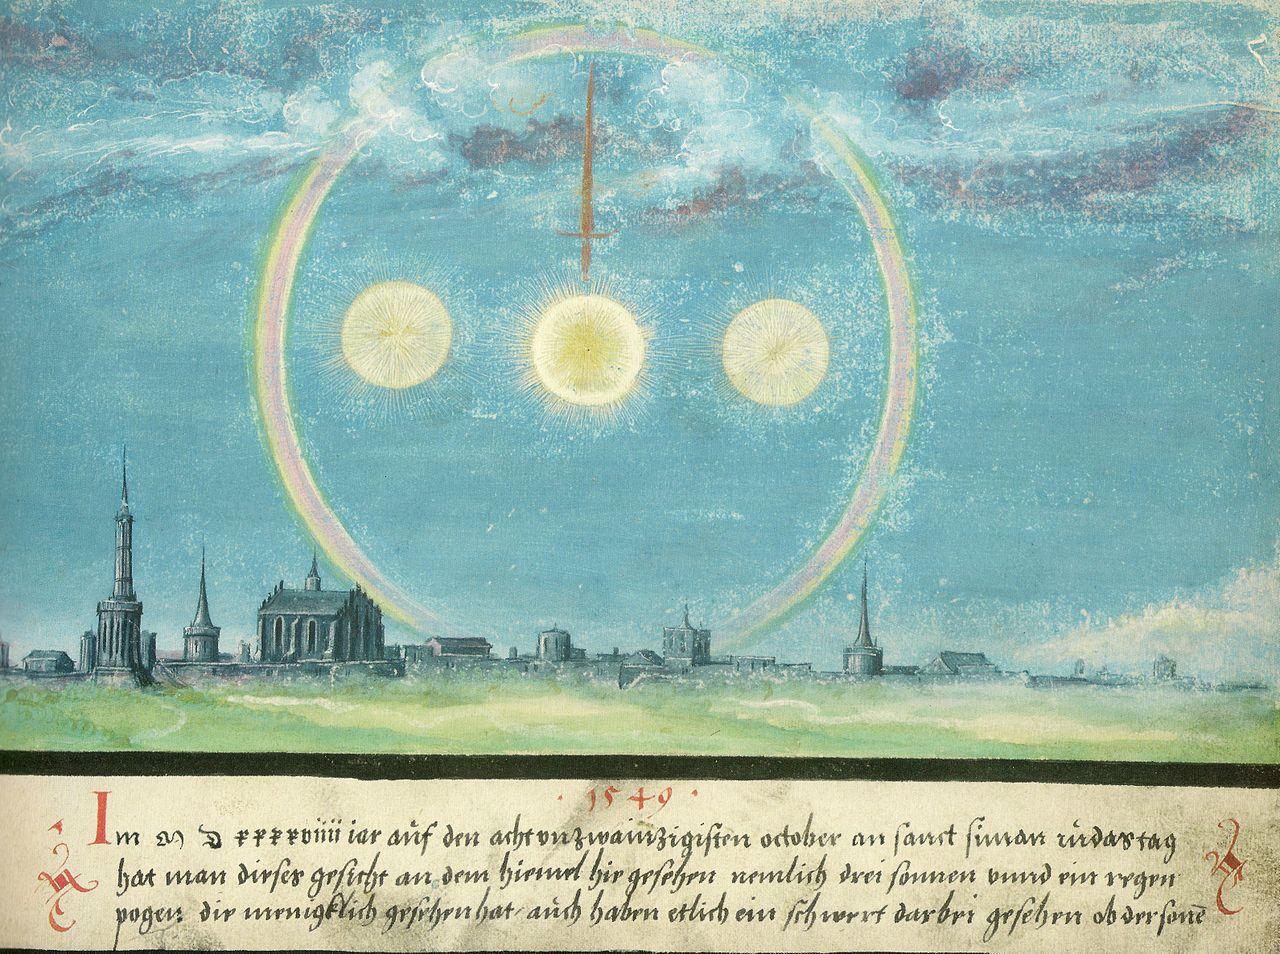 augsburger_wunderzeichenbuch_folio_164-_nebensonnen_und_schwert_28_oktober_1549.jpg